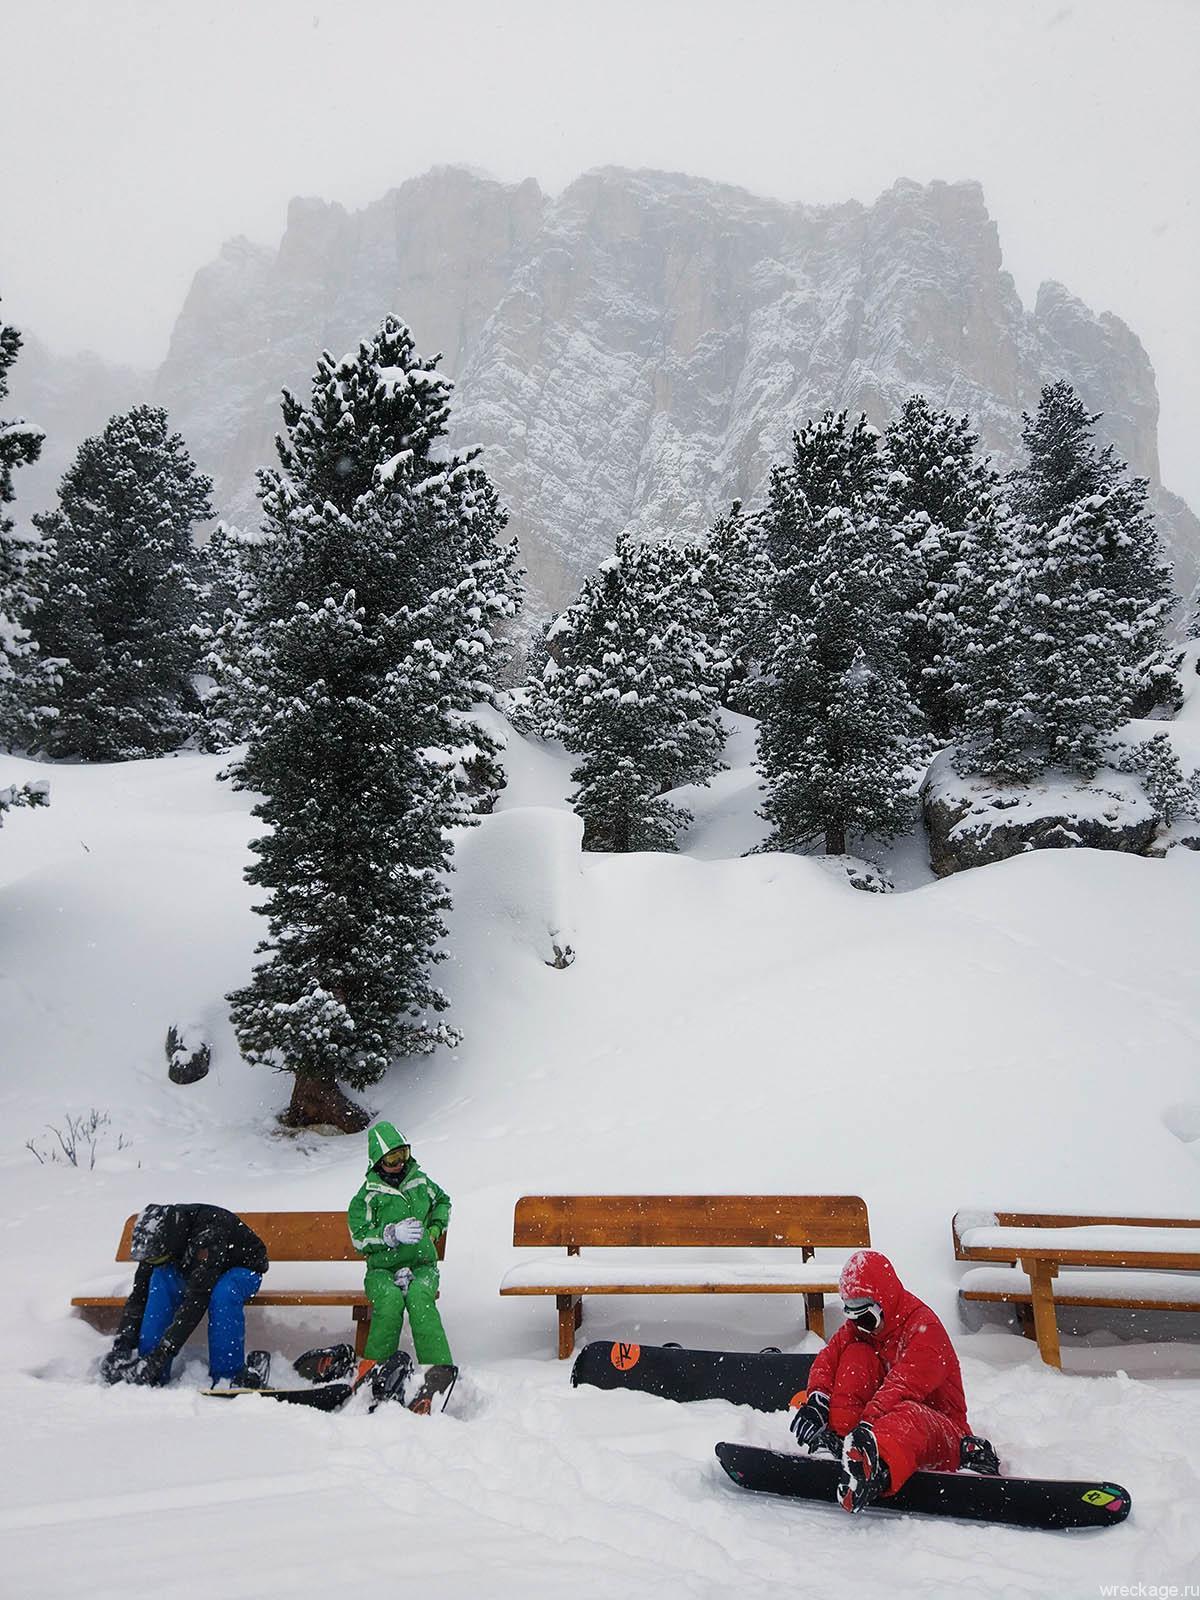 сноуборд в доломитовых альпах